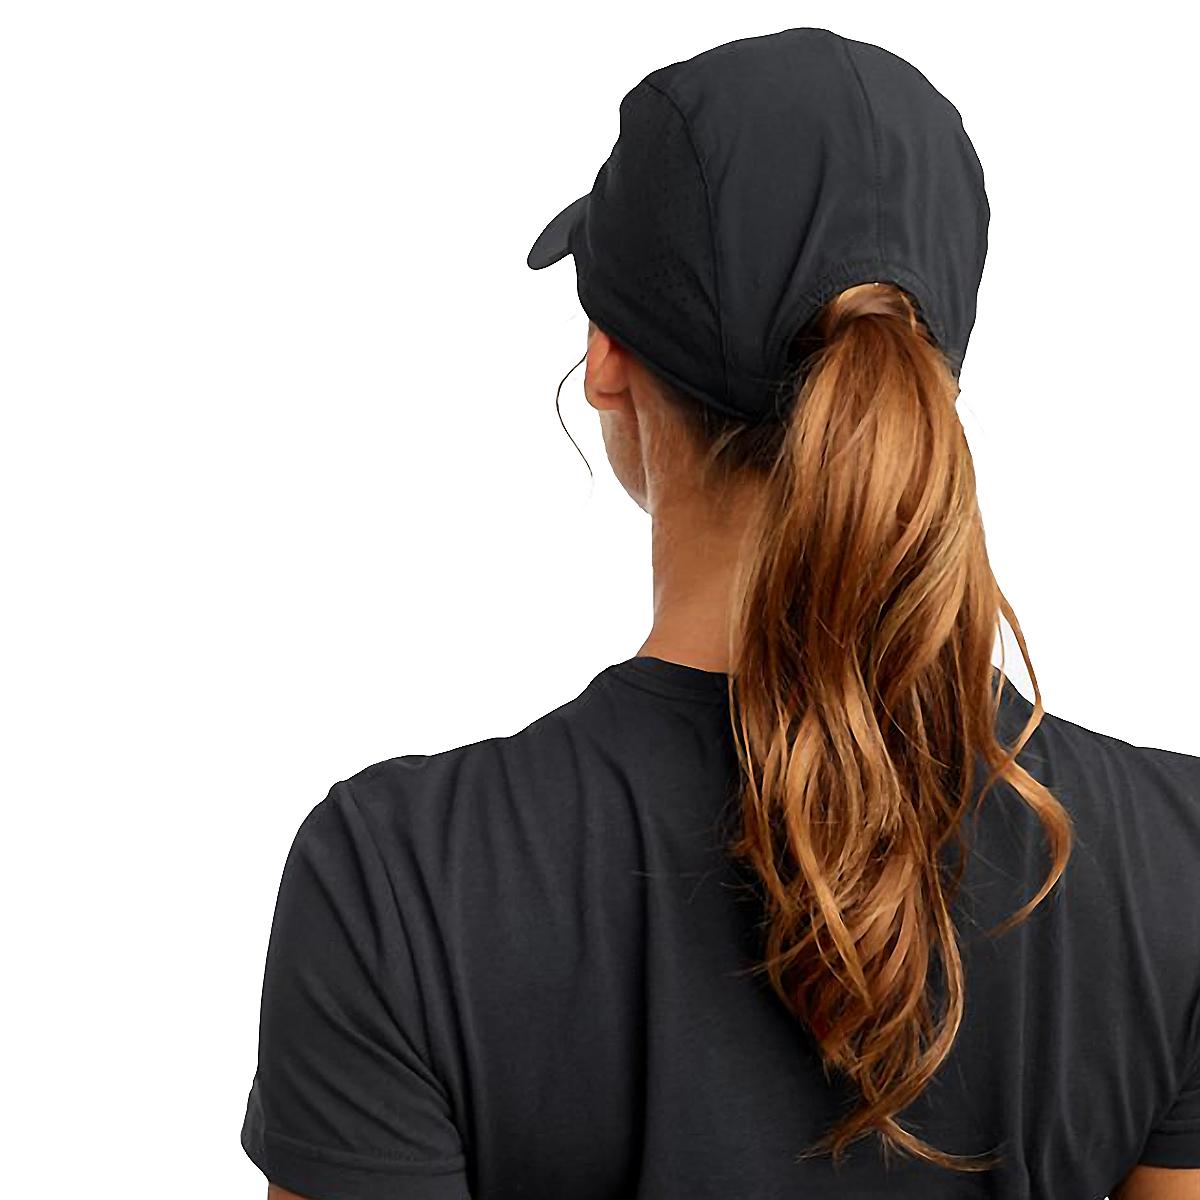 Saucony Outpace Hat - Color: Black, Black, large, image 2